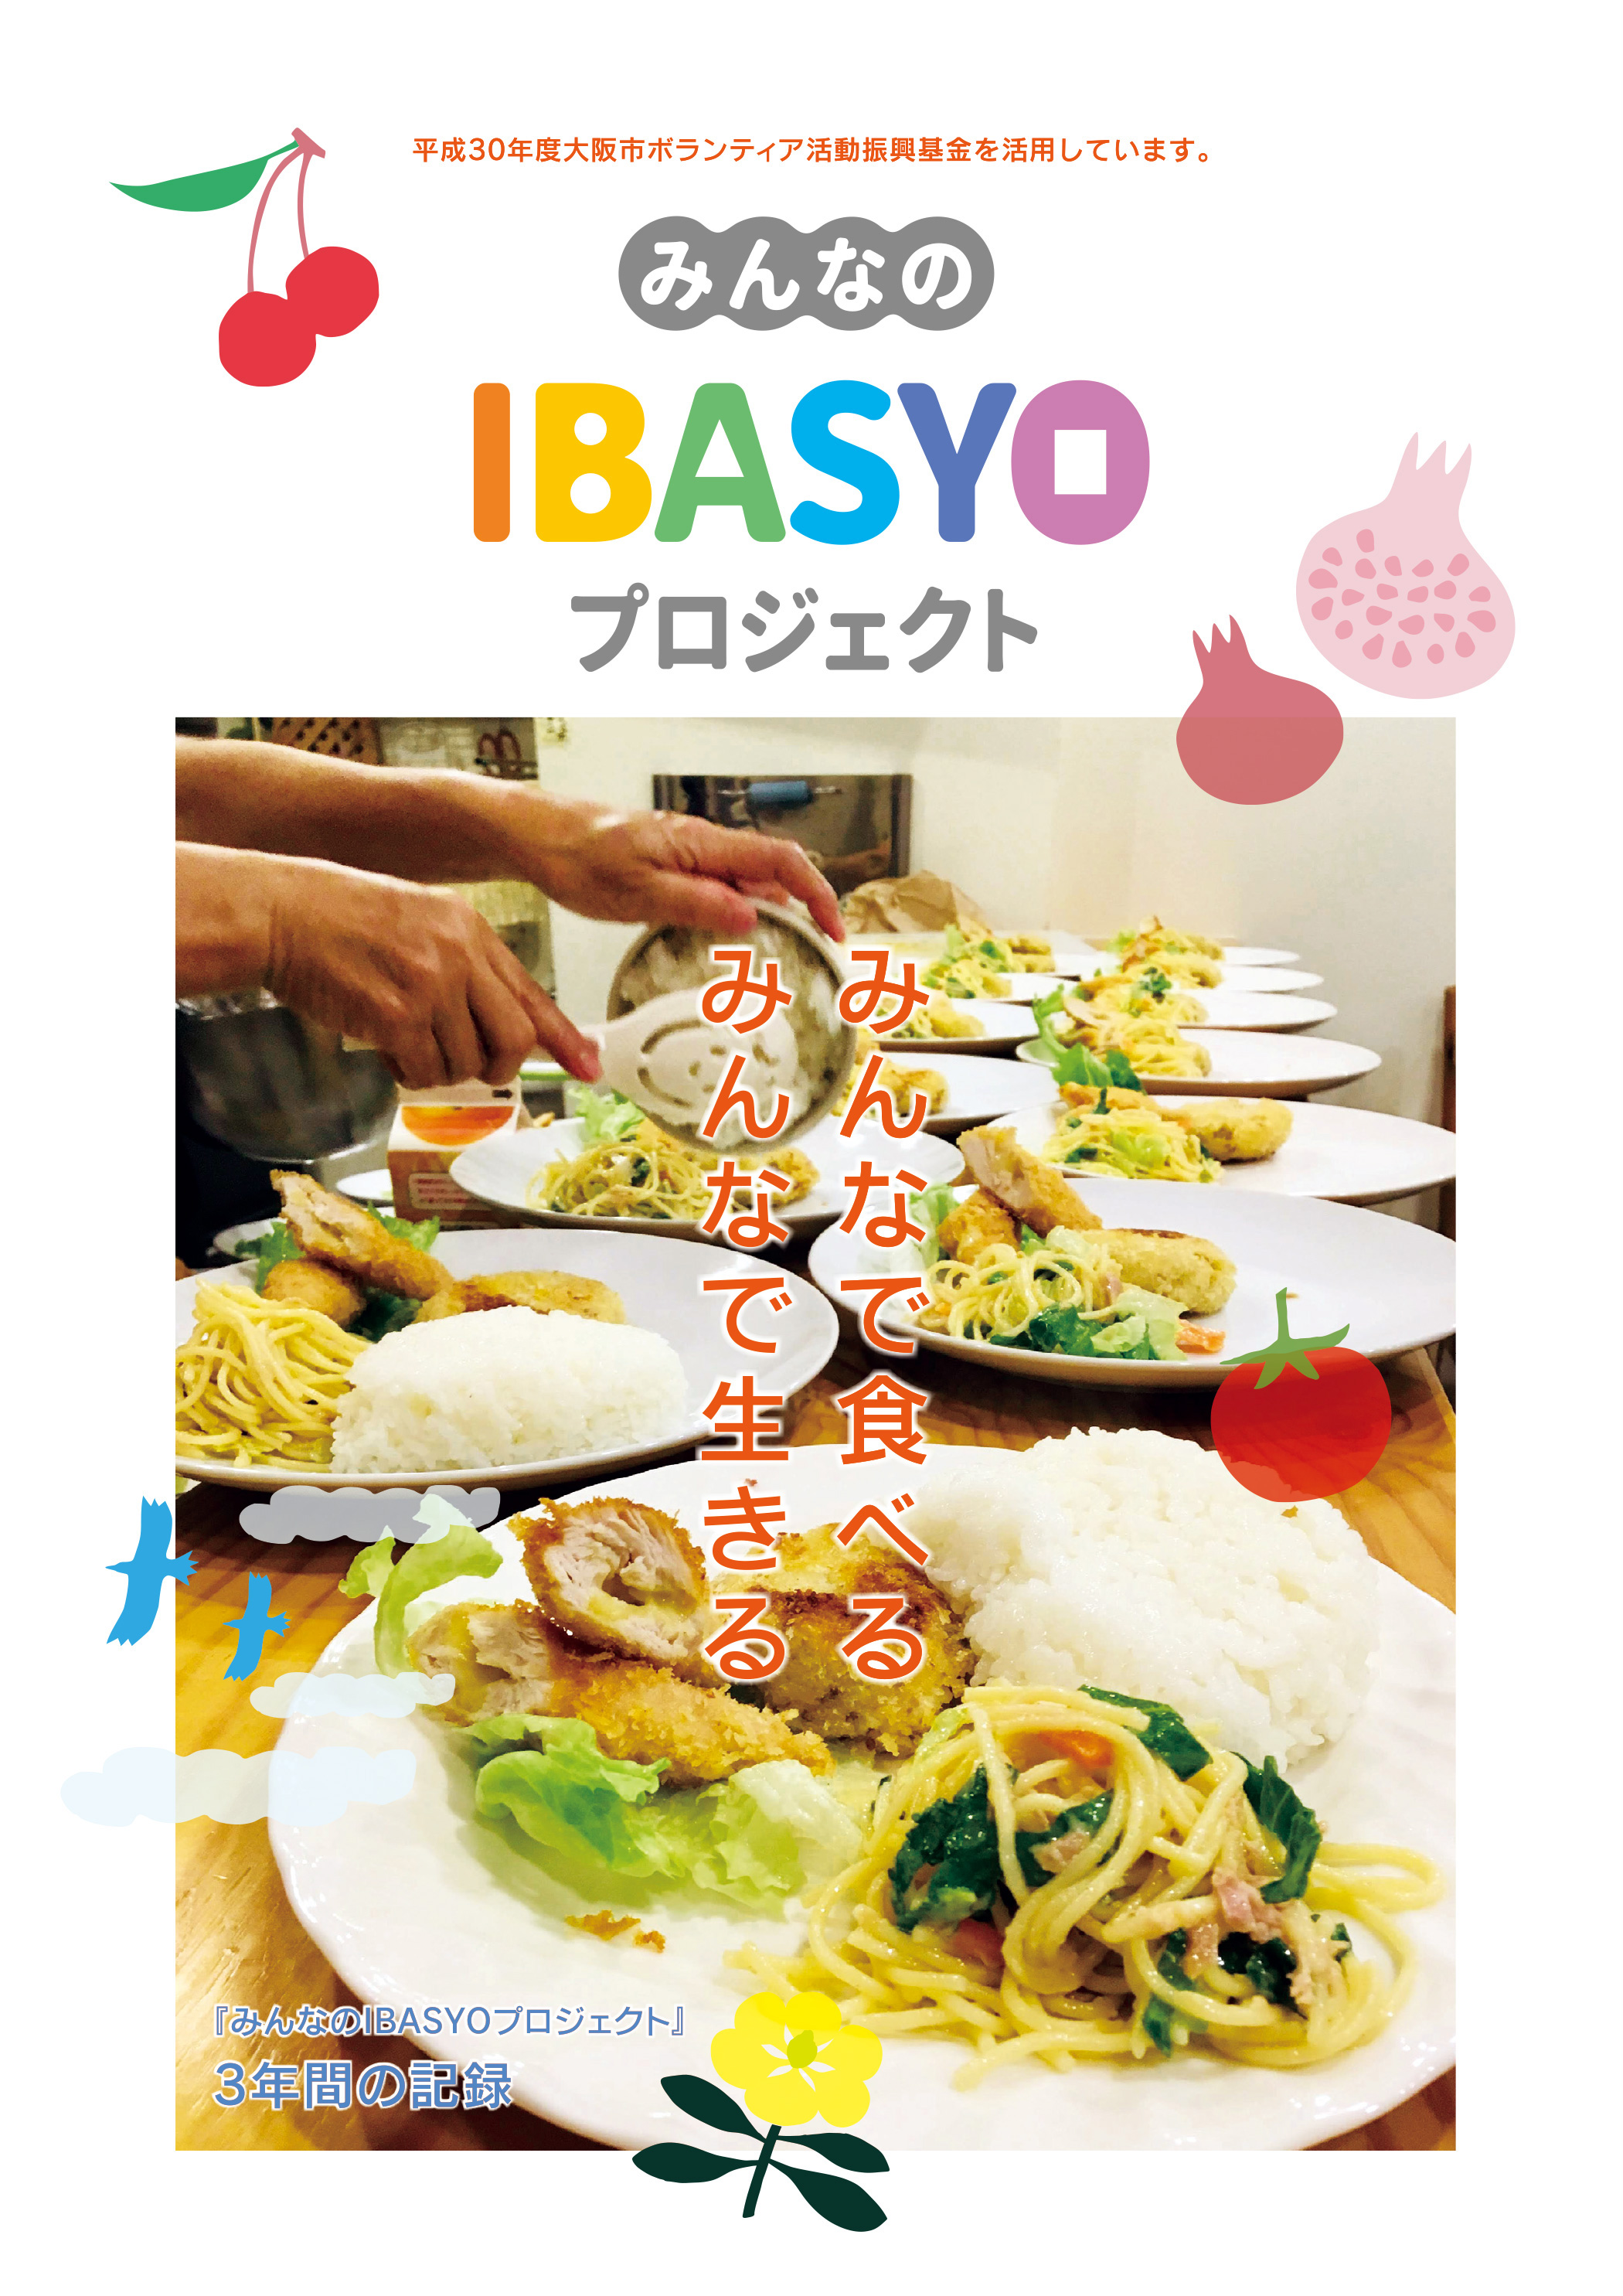 みんなのIBASYOプロジェクト(3年間の記録)